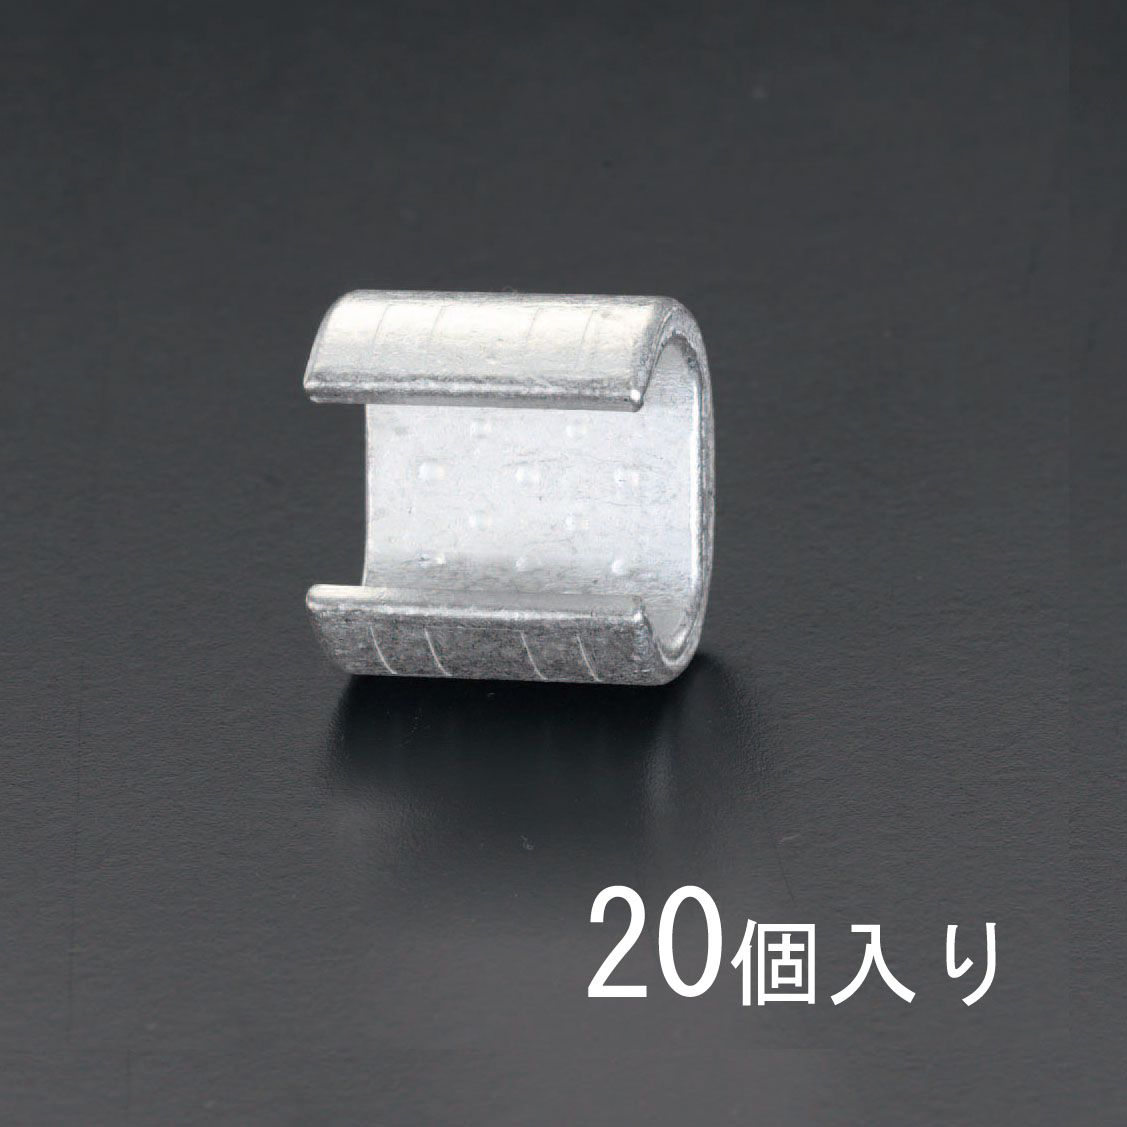 【メーカー在庫あり】 エスコ ESCO 289 - 365mm2 T形コネクター(20個) 000012027189 HD